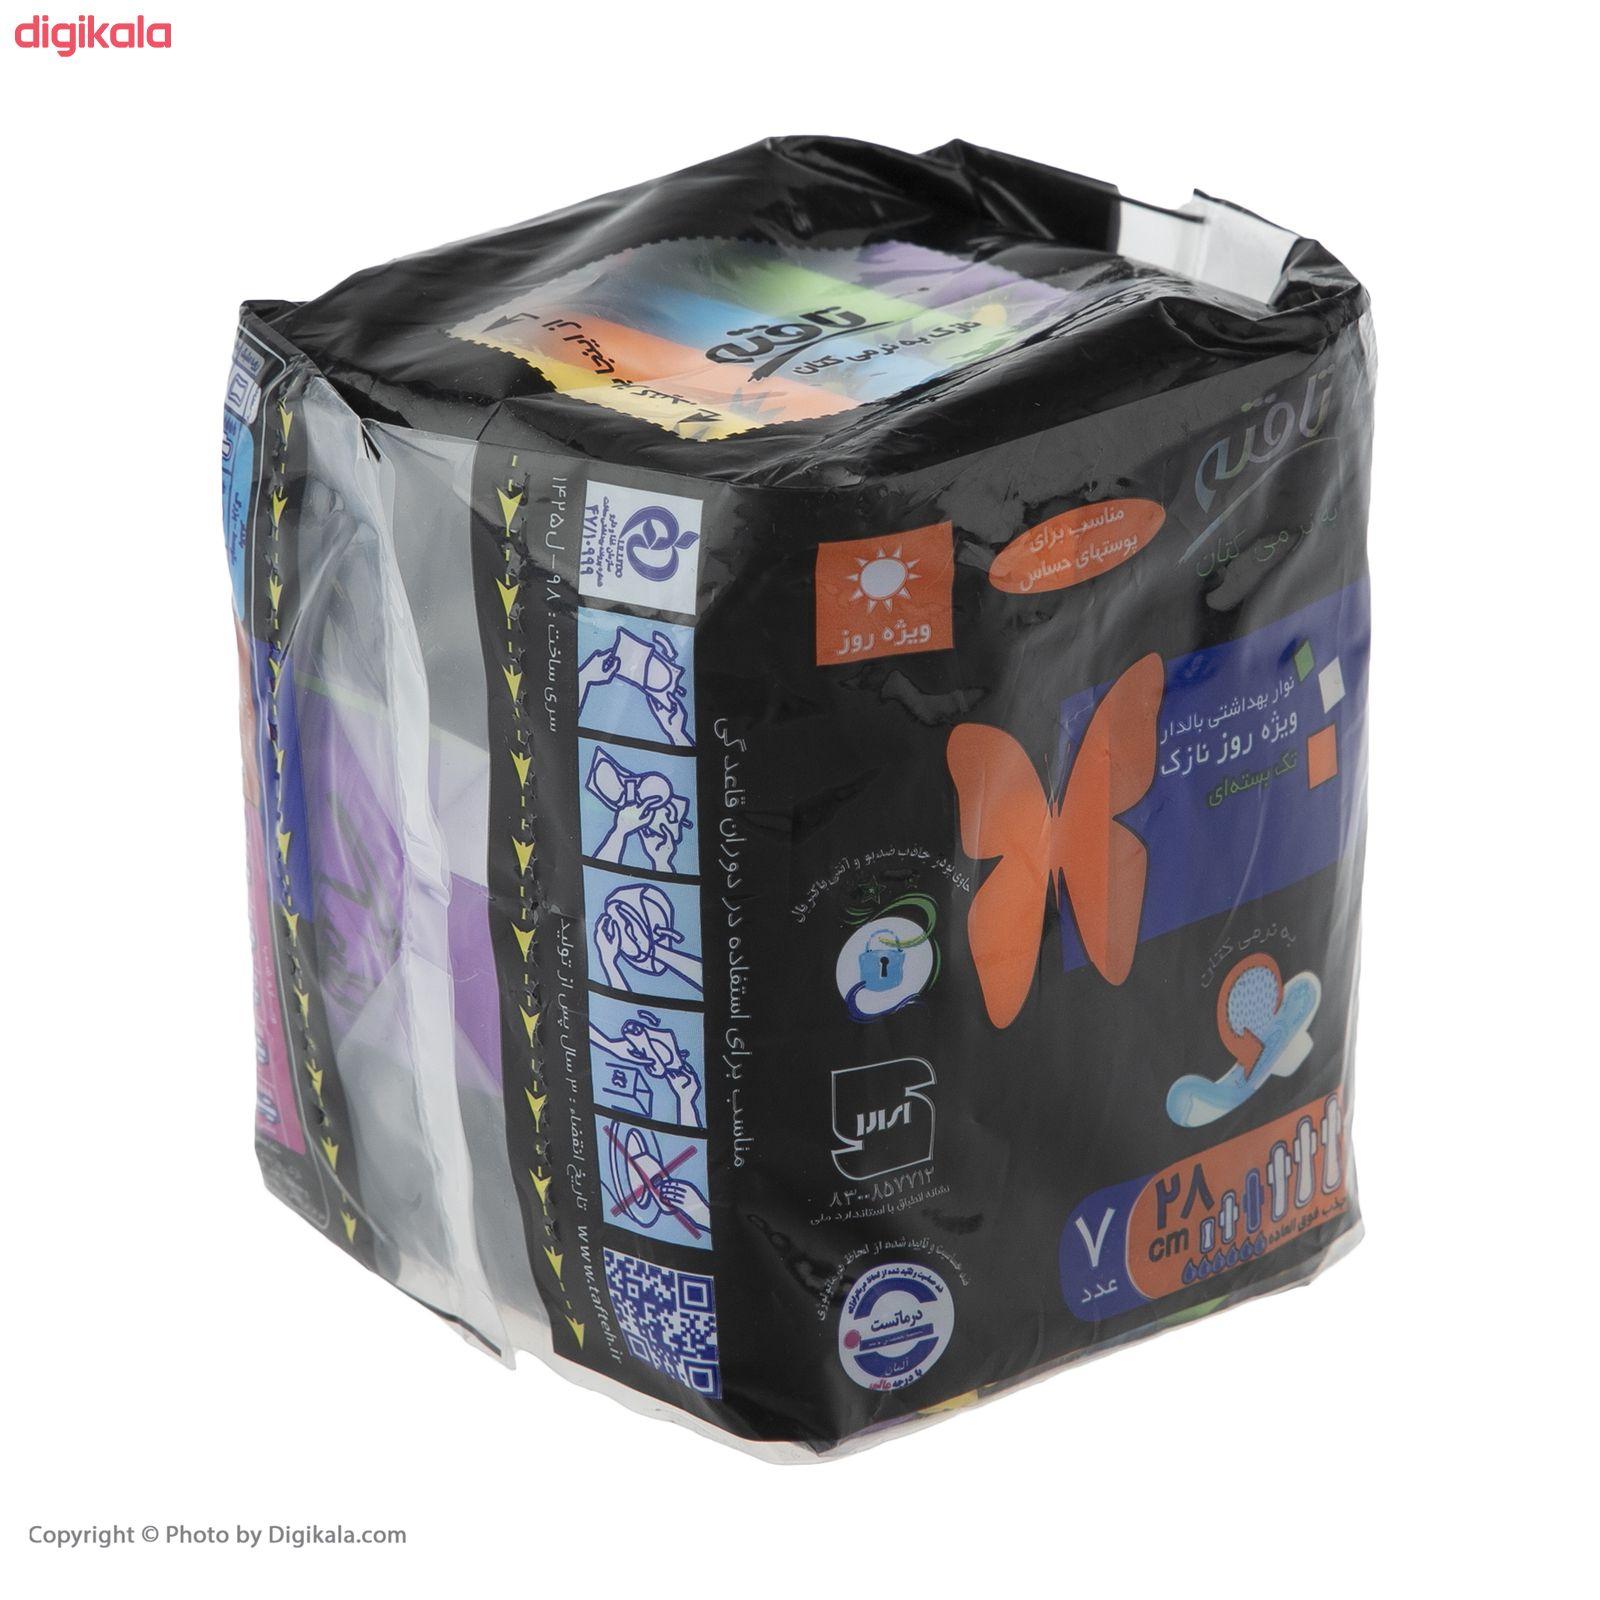 نوار بهداشتی روز تافته مدل Single Pack-2 بسته 7 عددی main 1 1